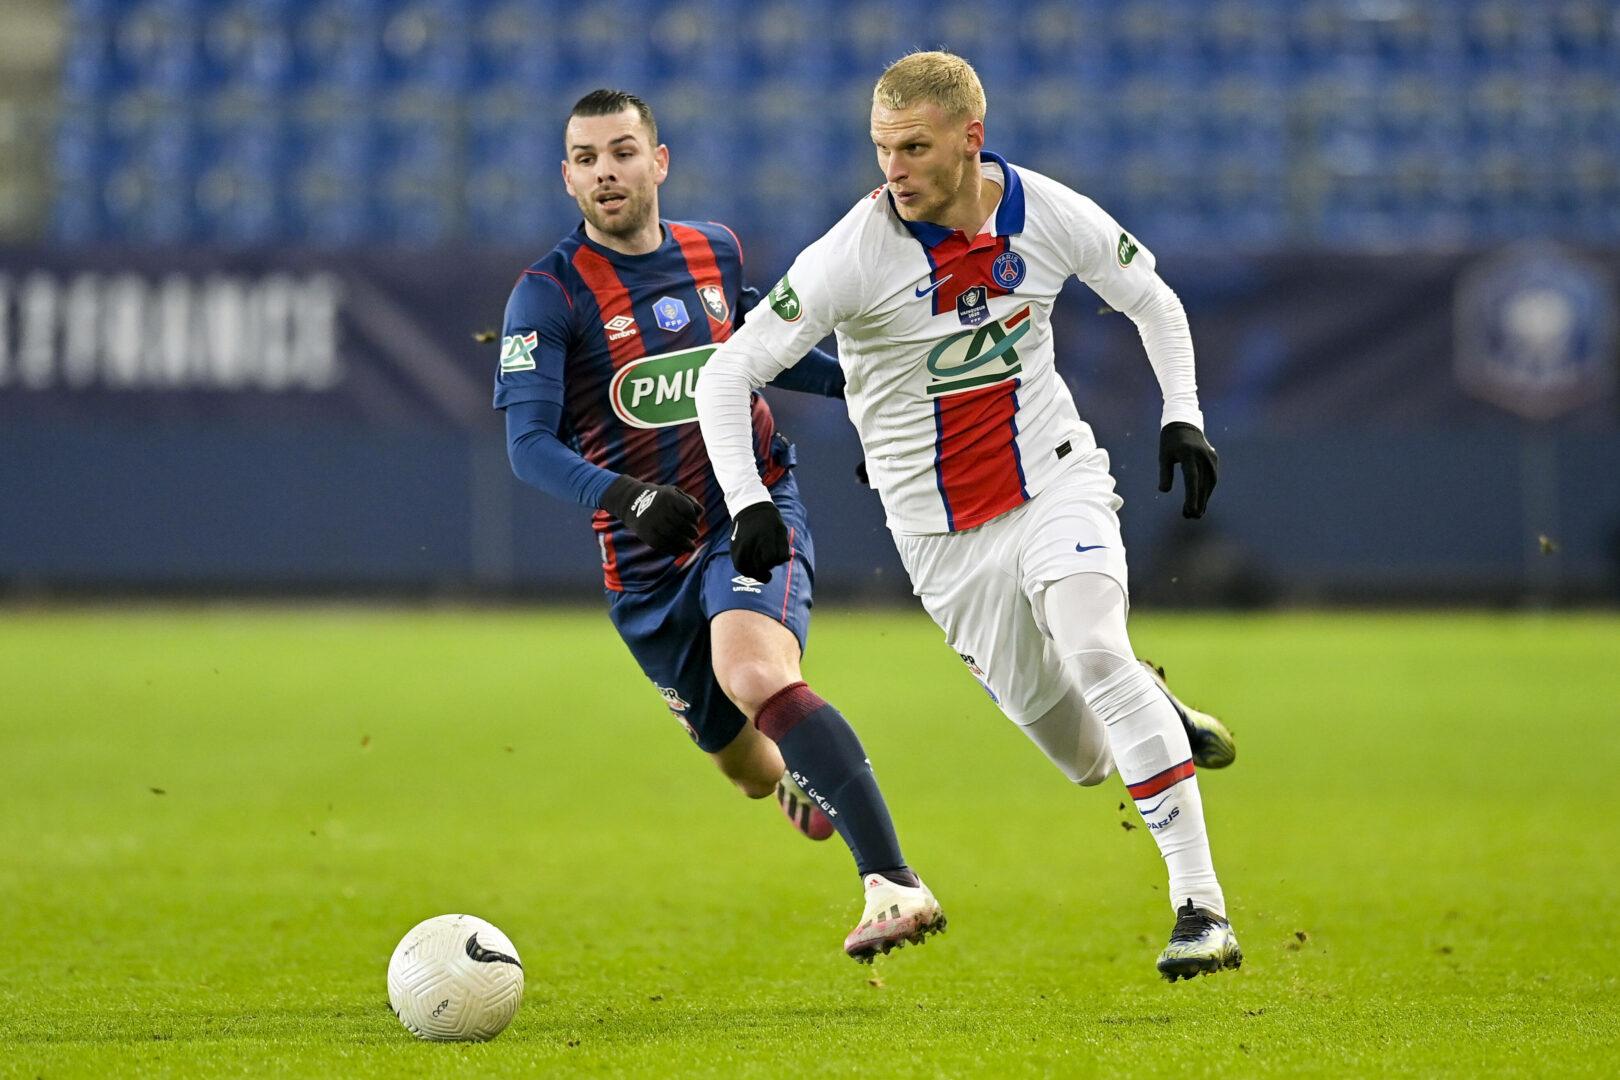 Bestätigt: Bayer Leverkusen verpflichtet Mitchel Bakker von PSG!